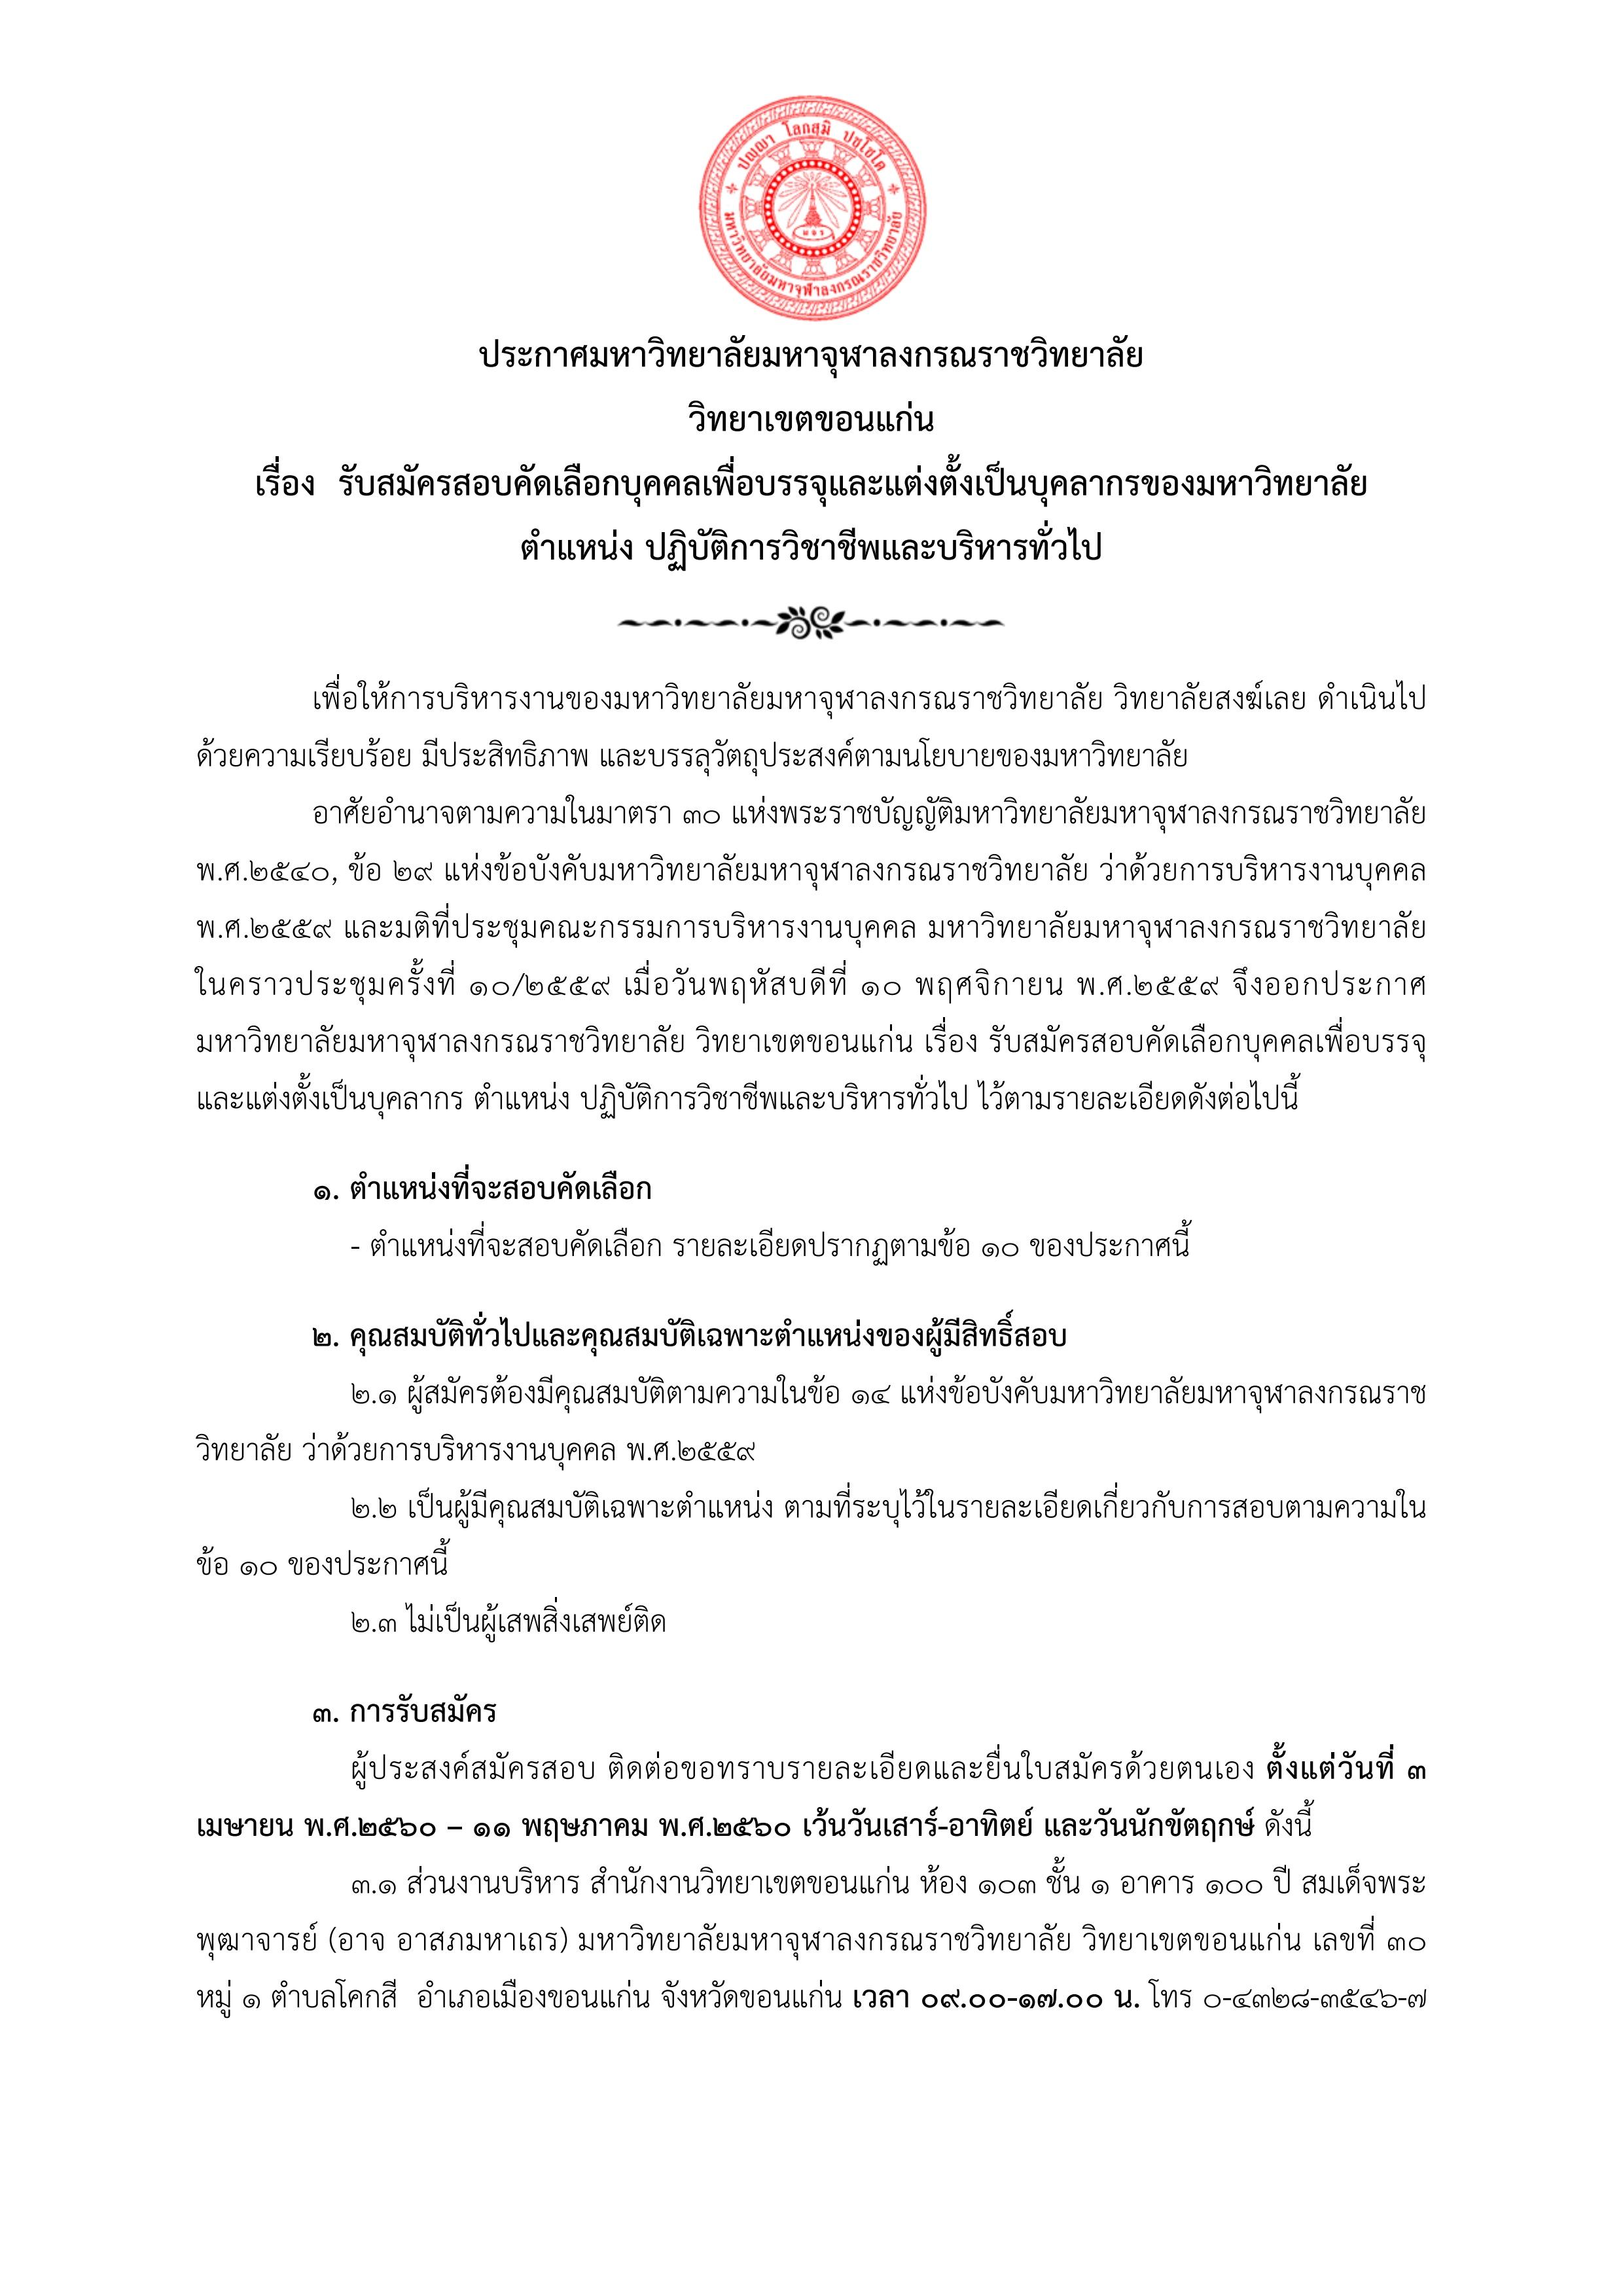 ประกาศรับสมัครjpg_Page1